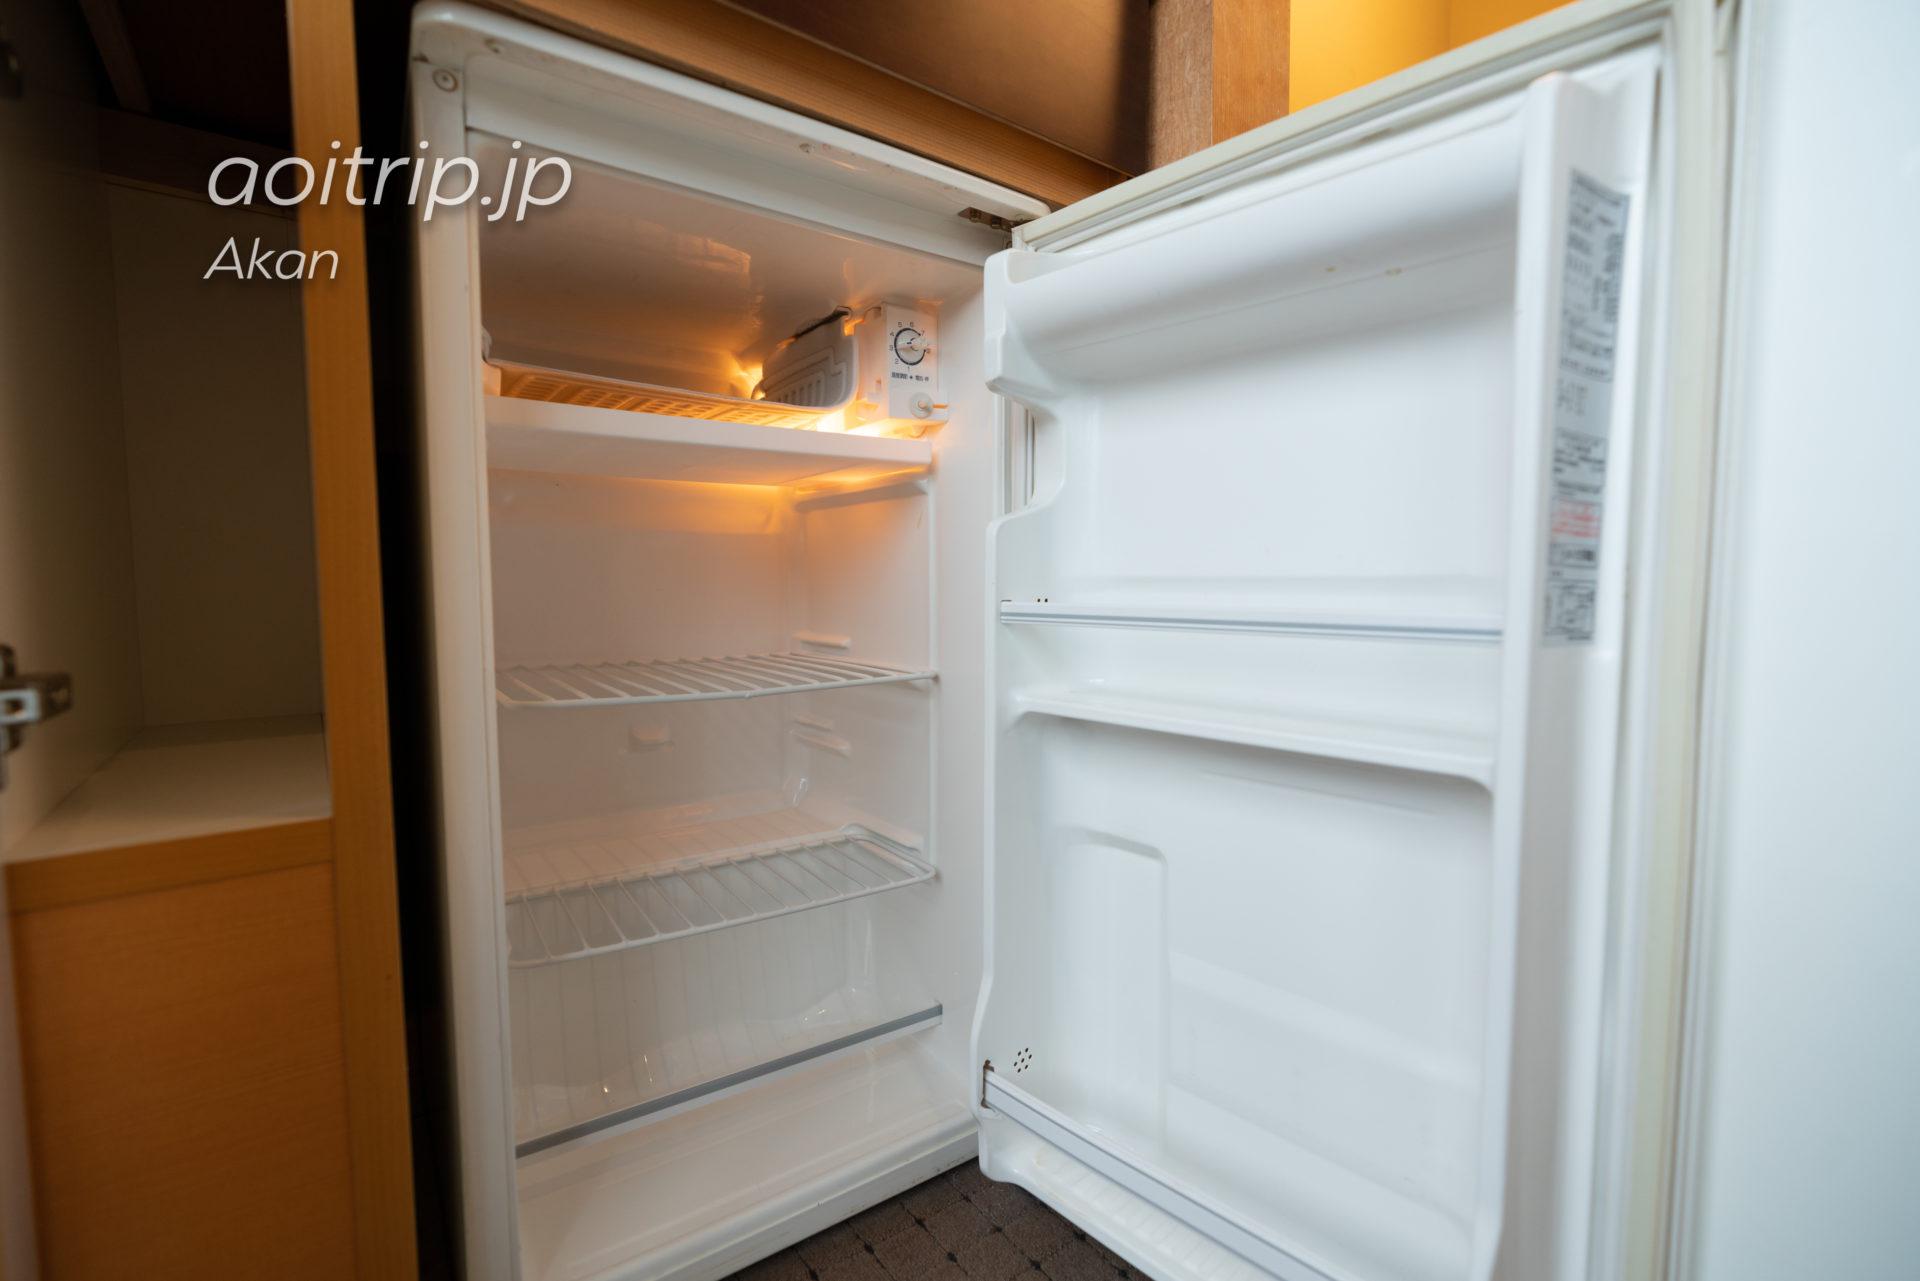 あかん湖 鶴雅ウイングスの客室 【湖側】和室ツイン(バス付) 冷蔵庫